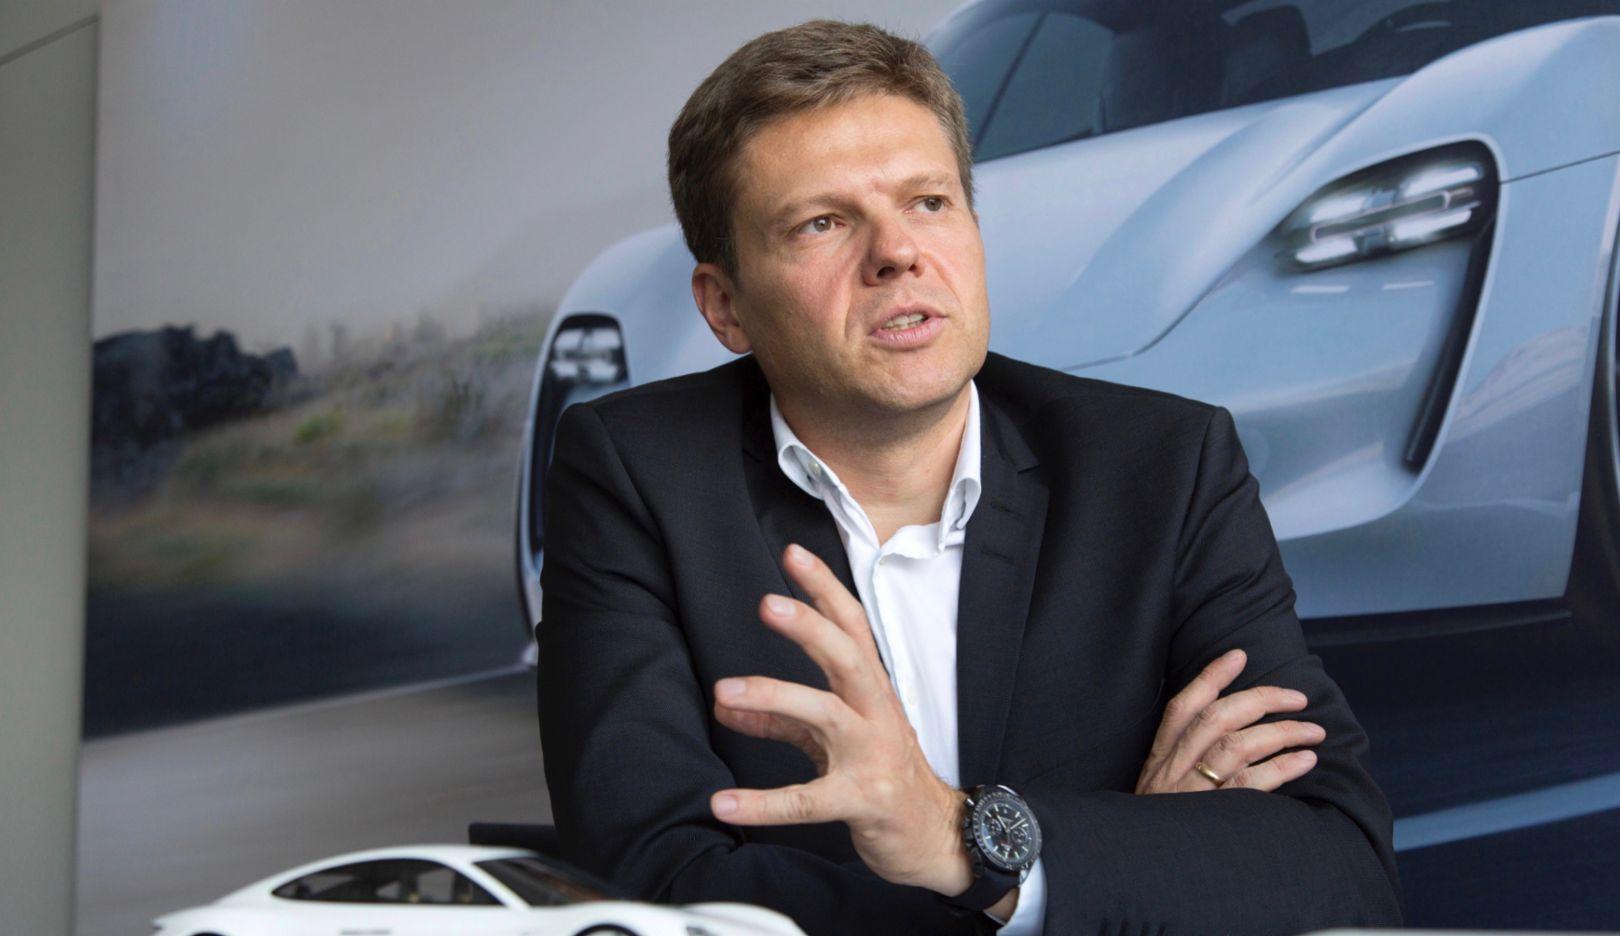 Stefan Weckbach, 2018, Porsche AG